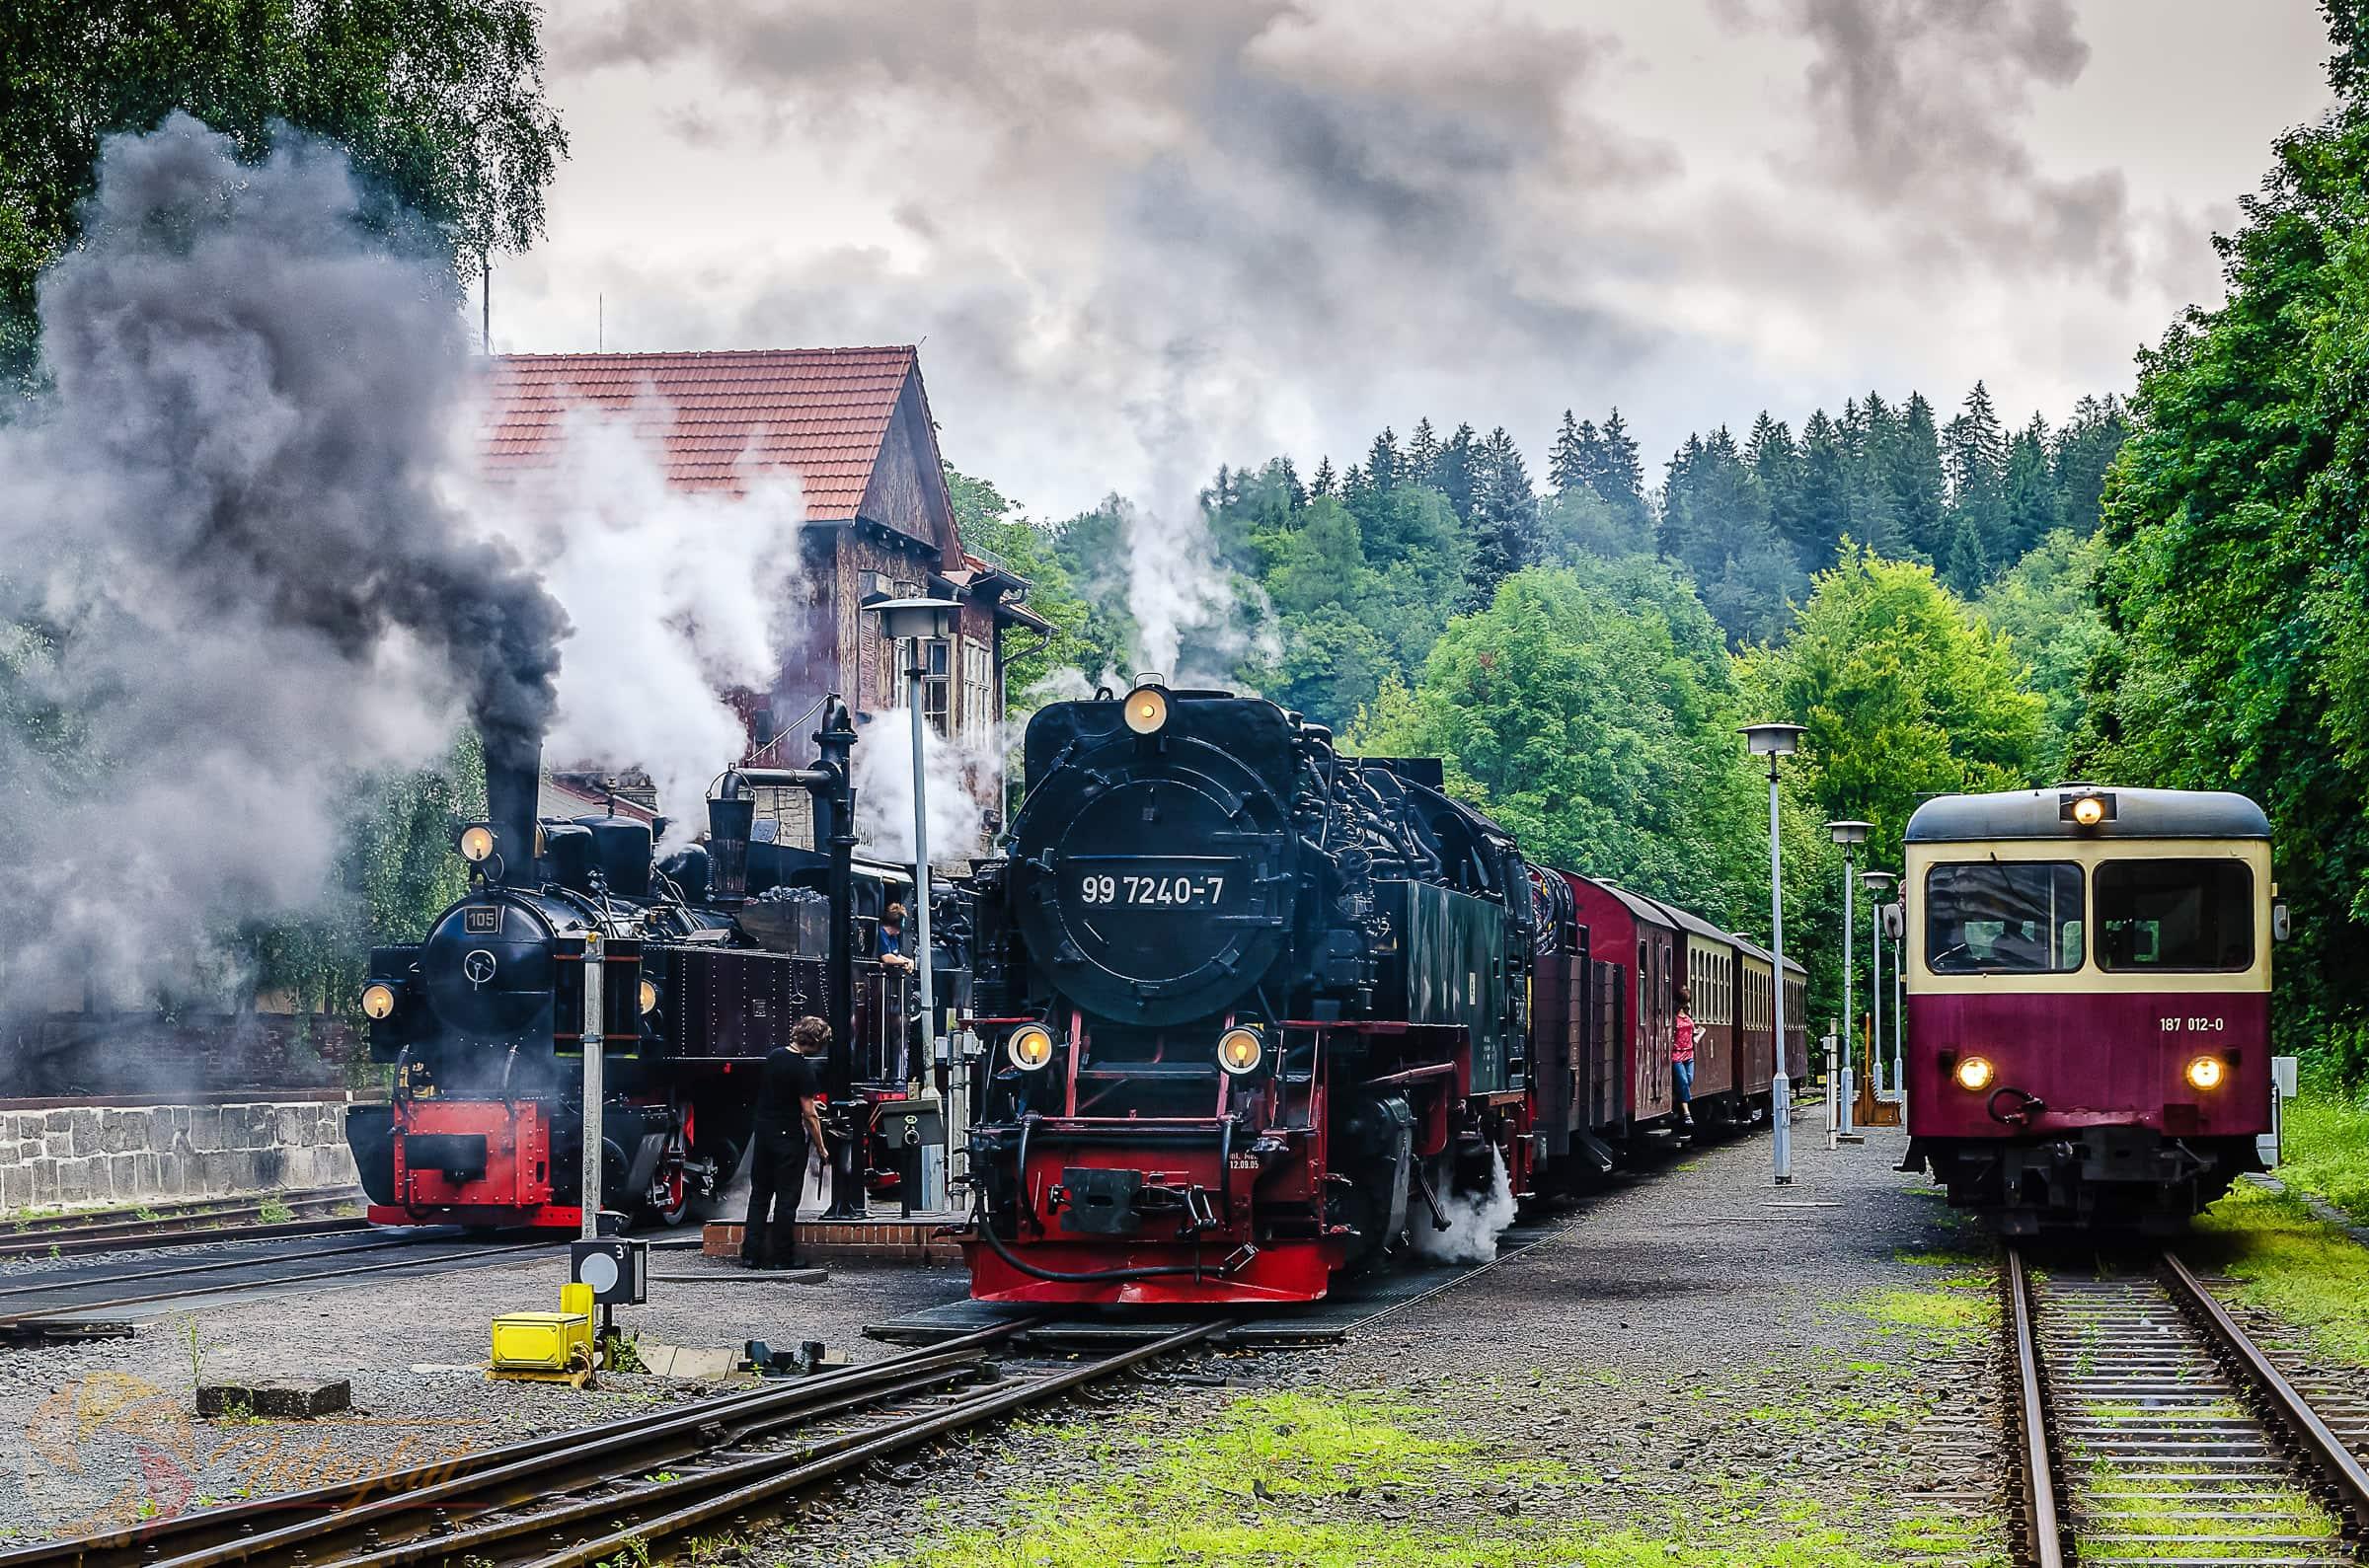 Dampf im Bahnhof - Foto: M. Stollmann